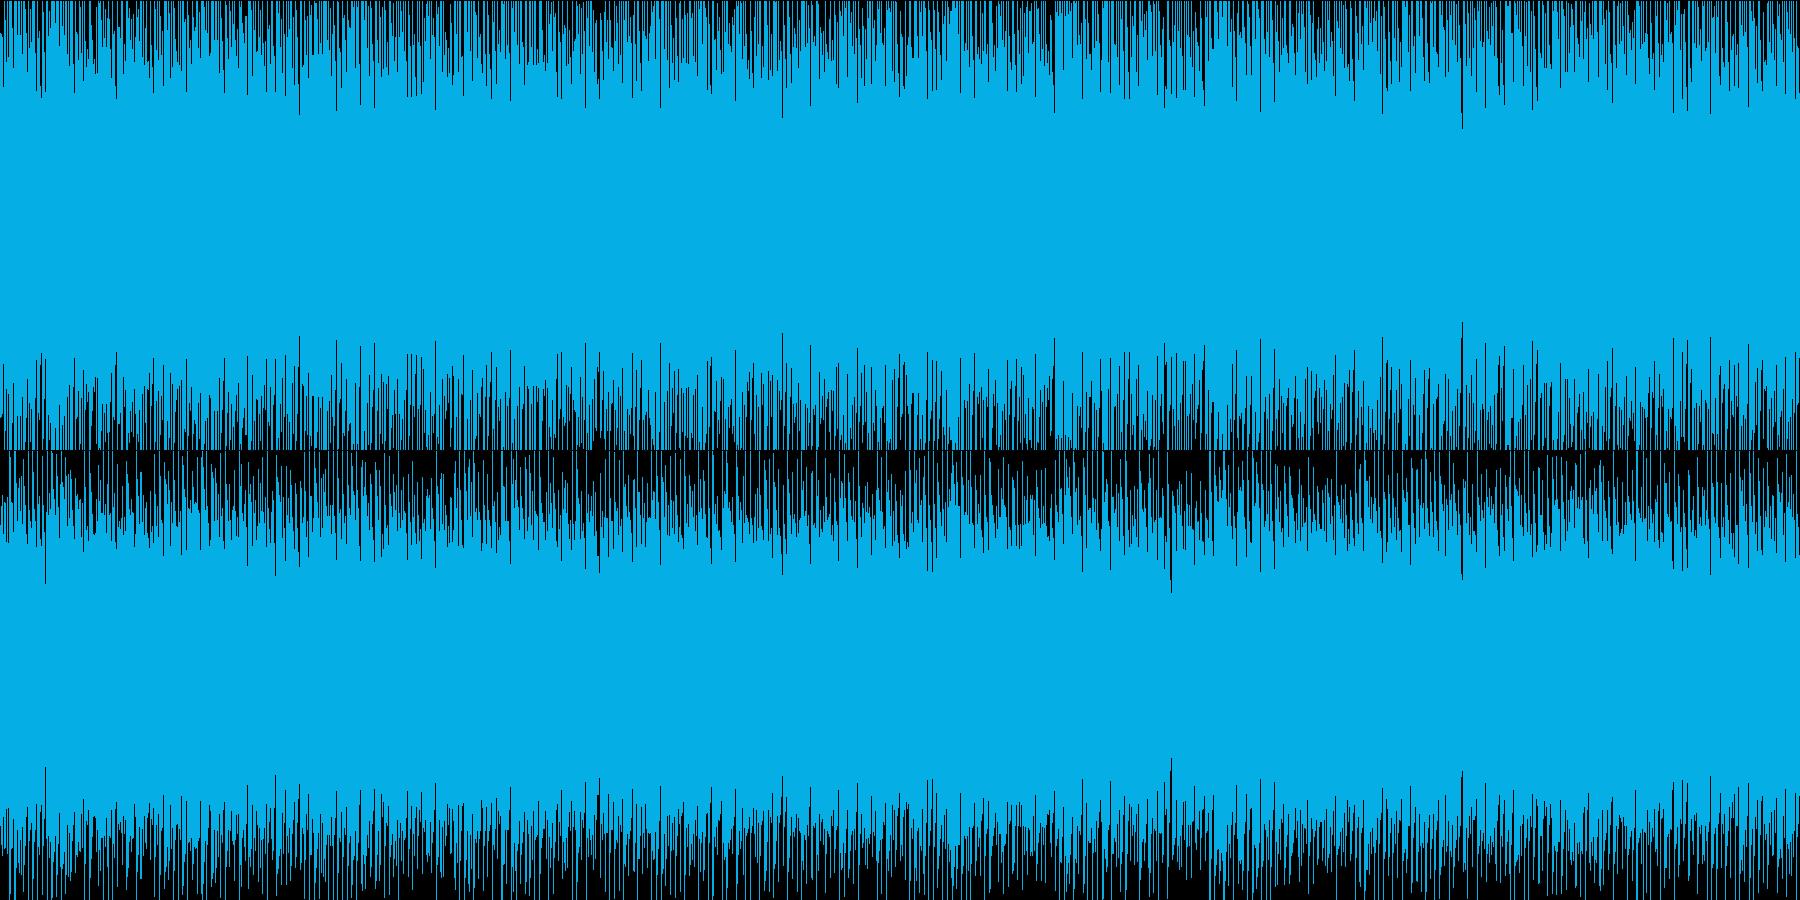 ピコピコゲームアミューズメント ドラム有の再生済みの波形